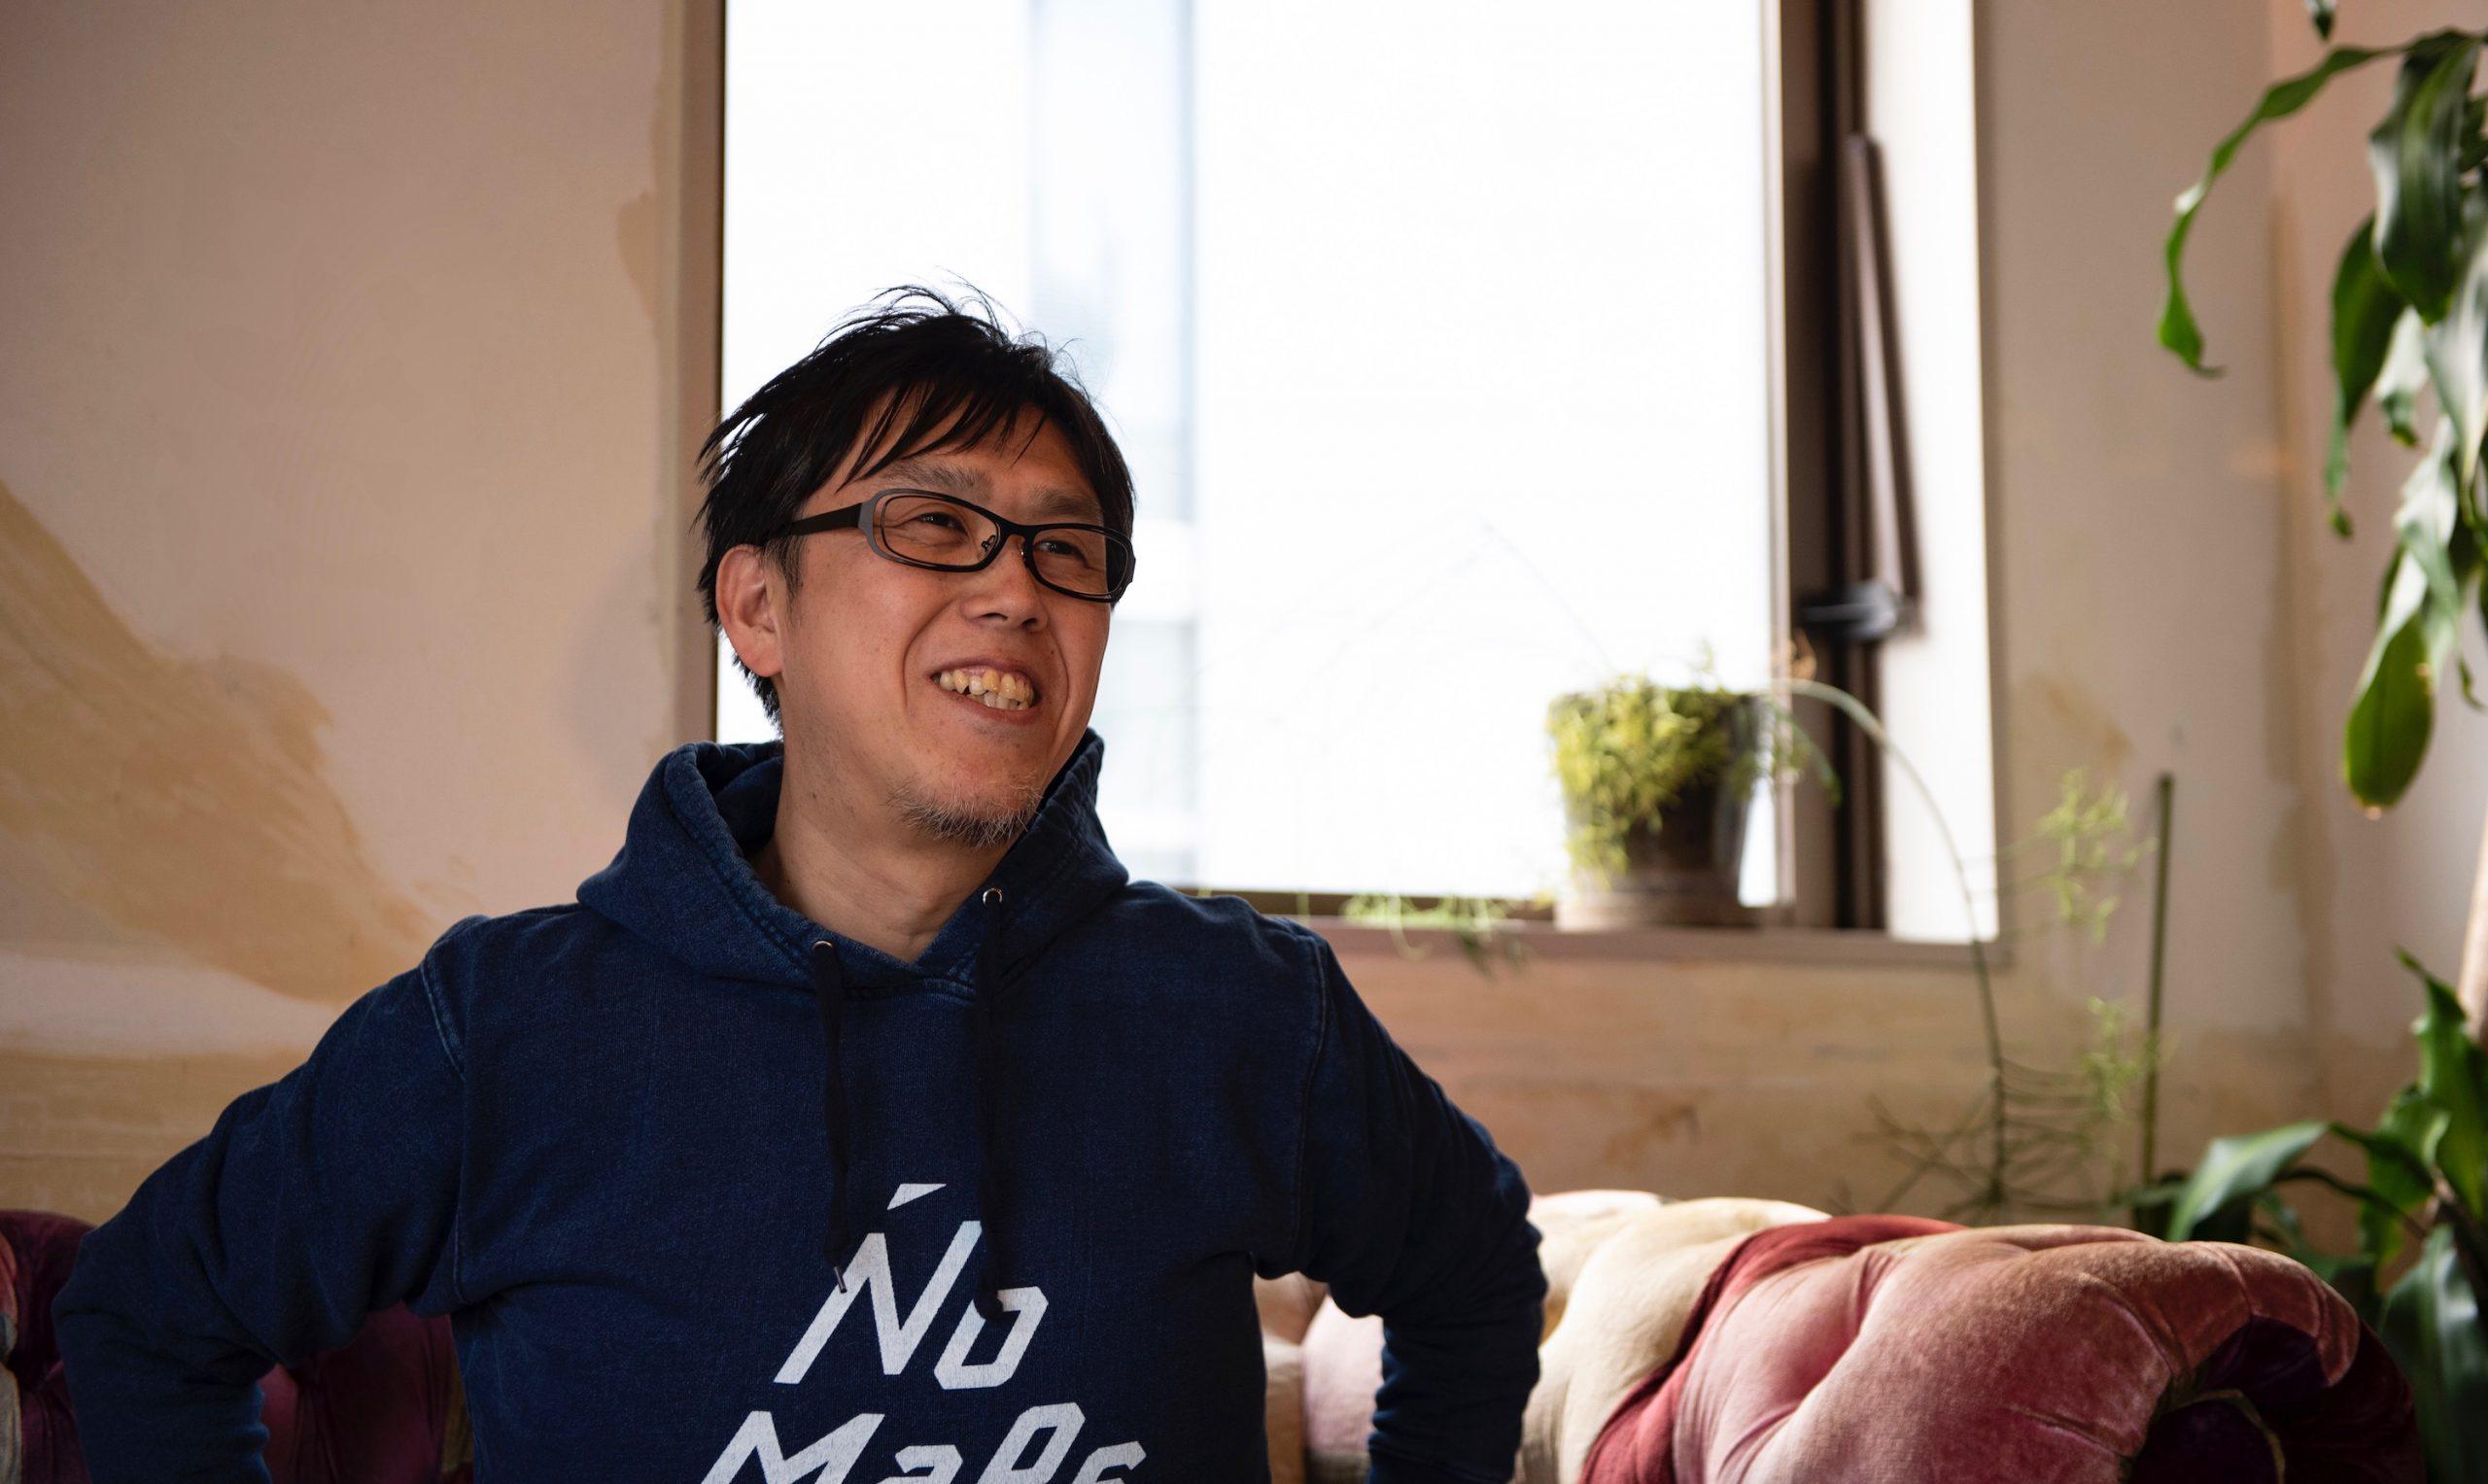 北海道におけるスタートアップの陰の立役者・NoMapsに迫る